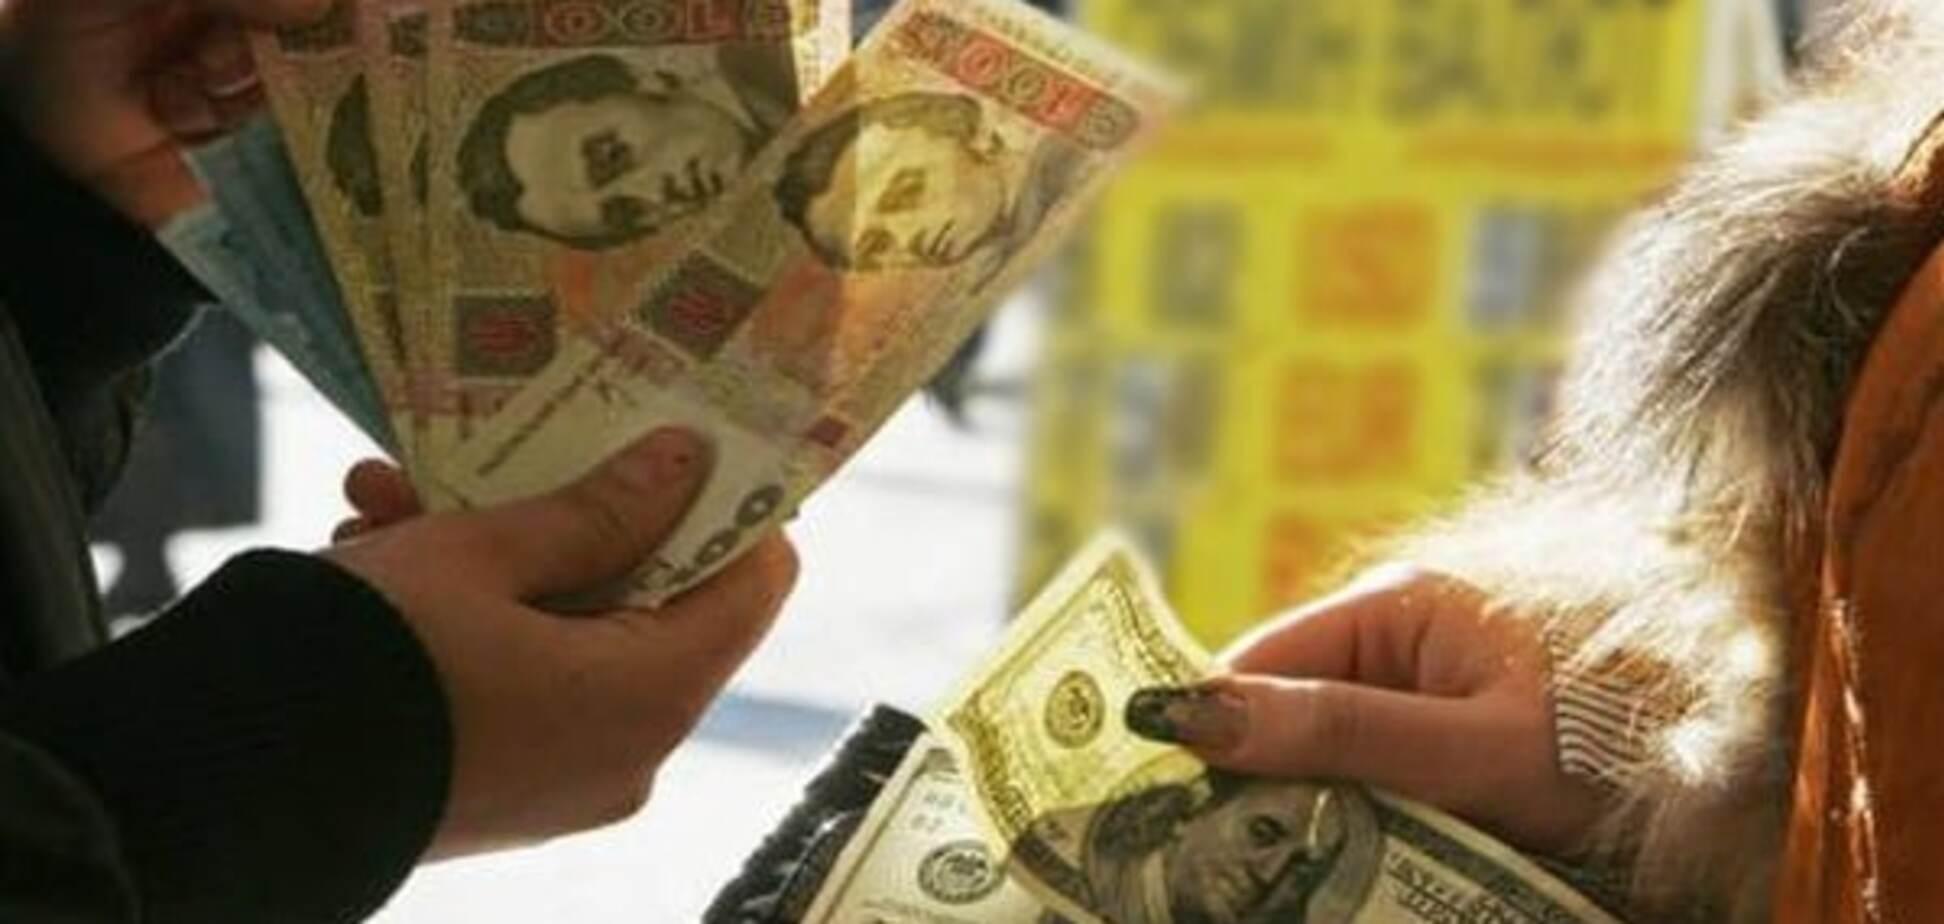 Аналитик предупредил о взлете доллара до 30 гривен